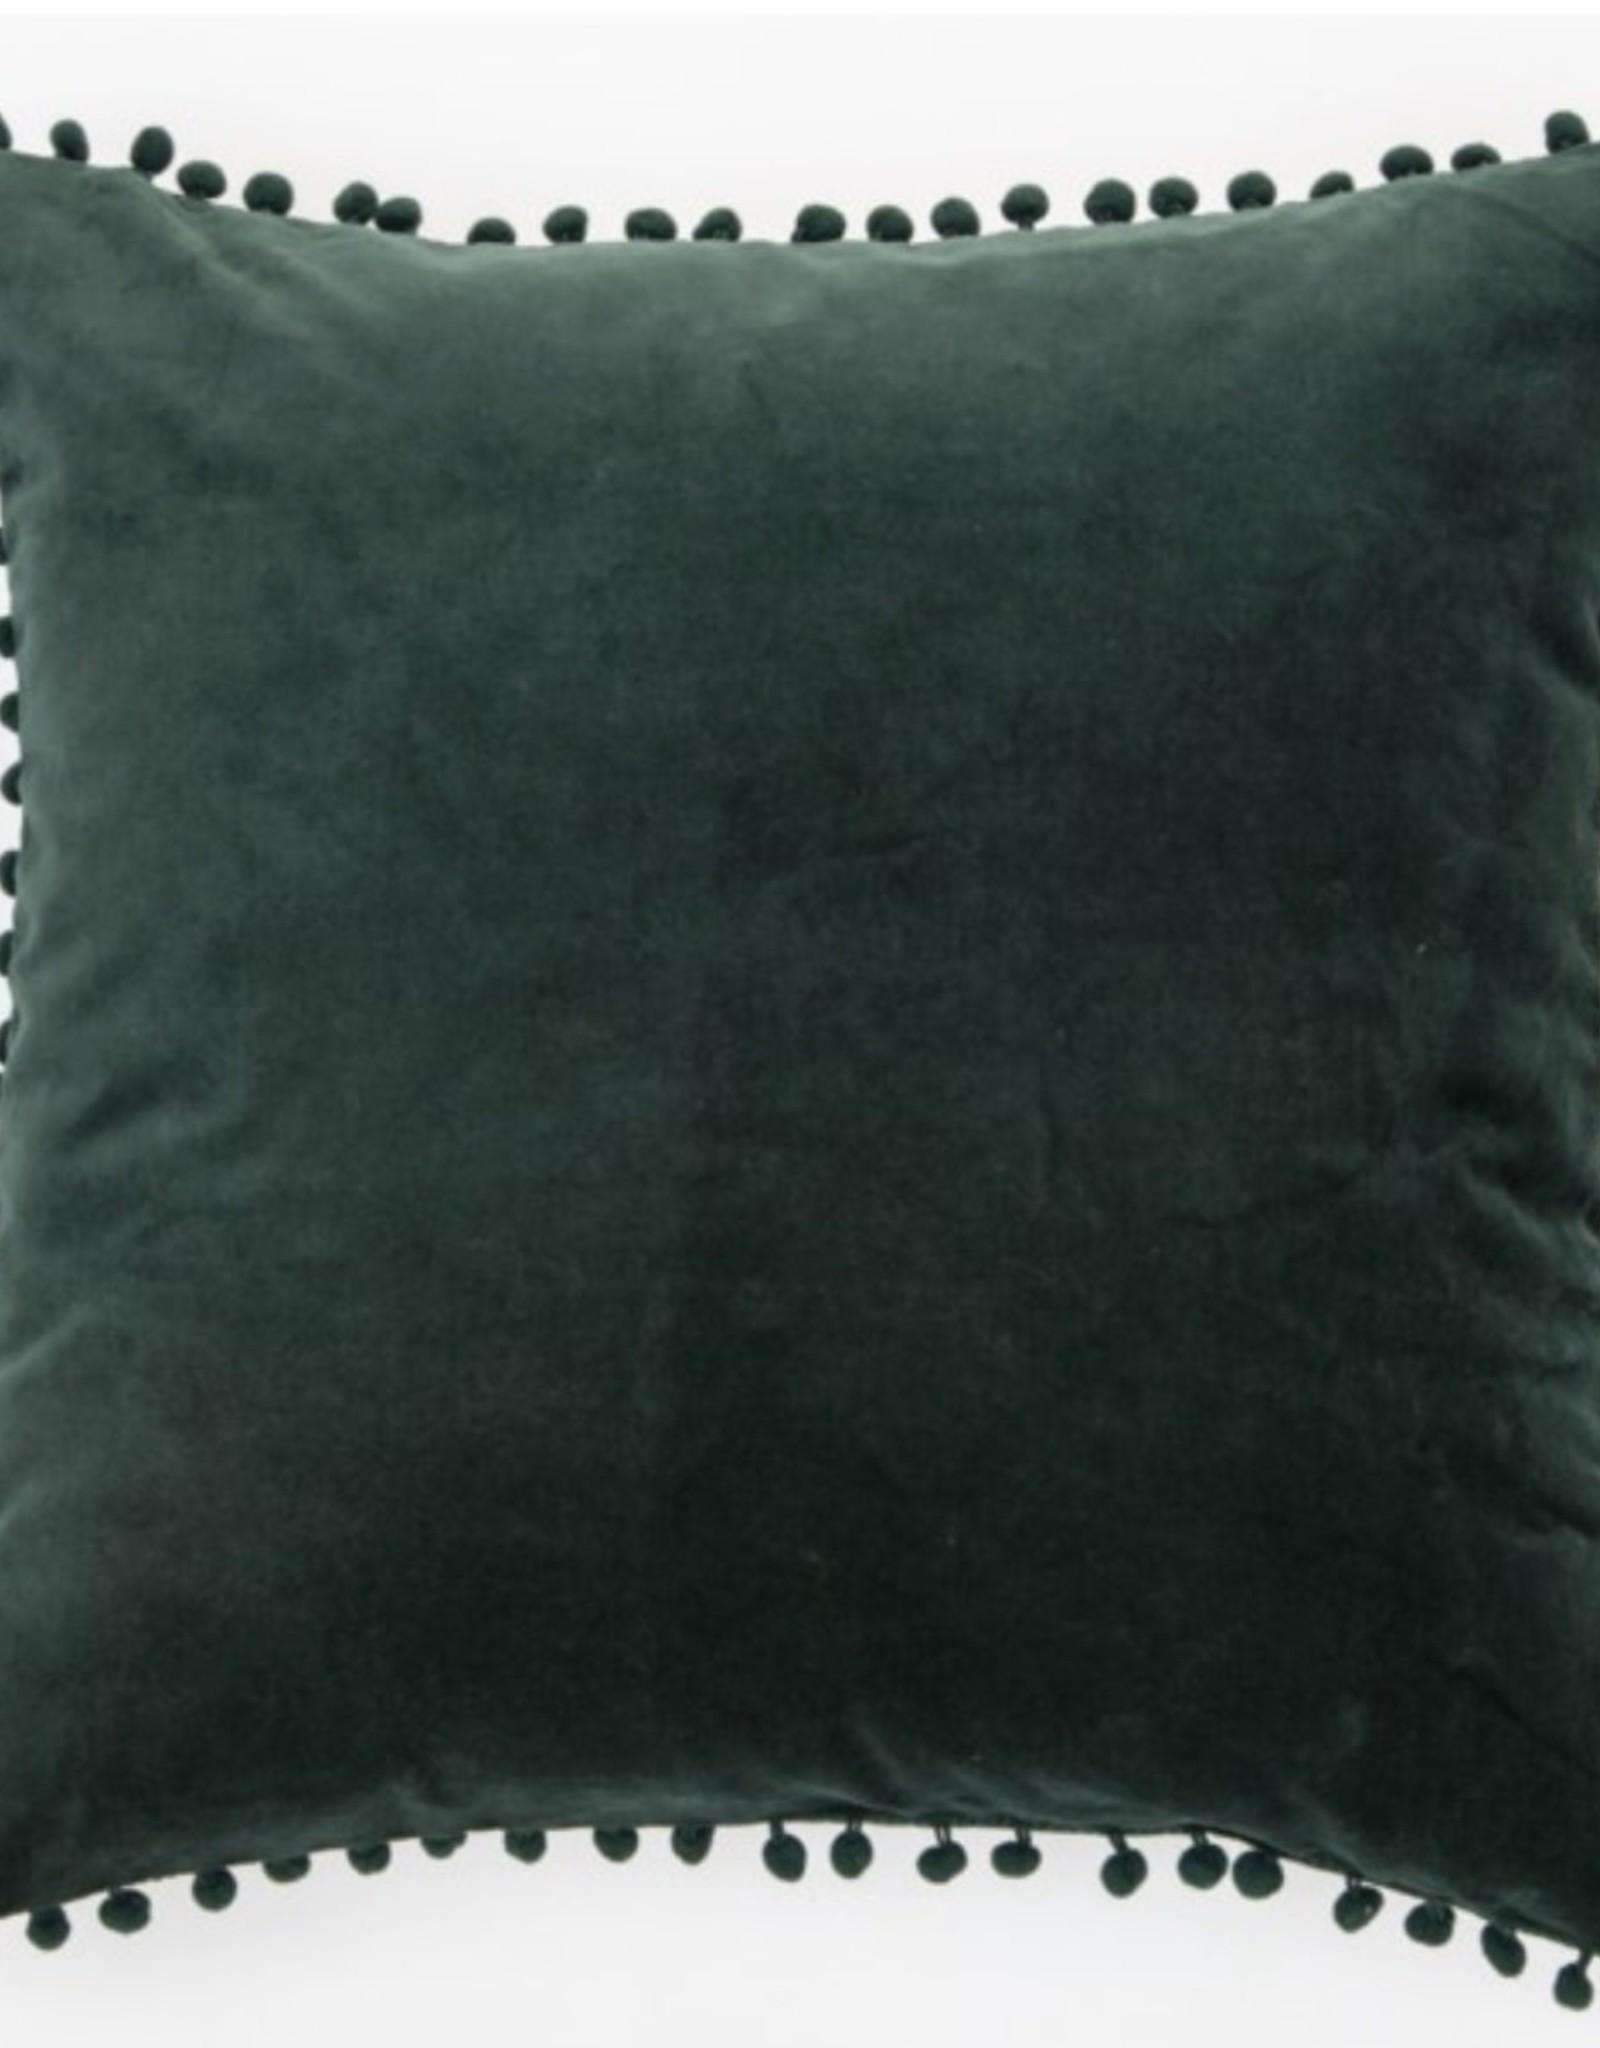 Cushions Brunelli Velvet Dark Green 20 x 20